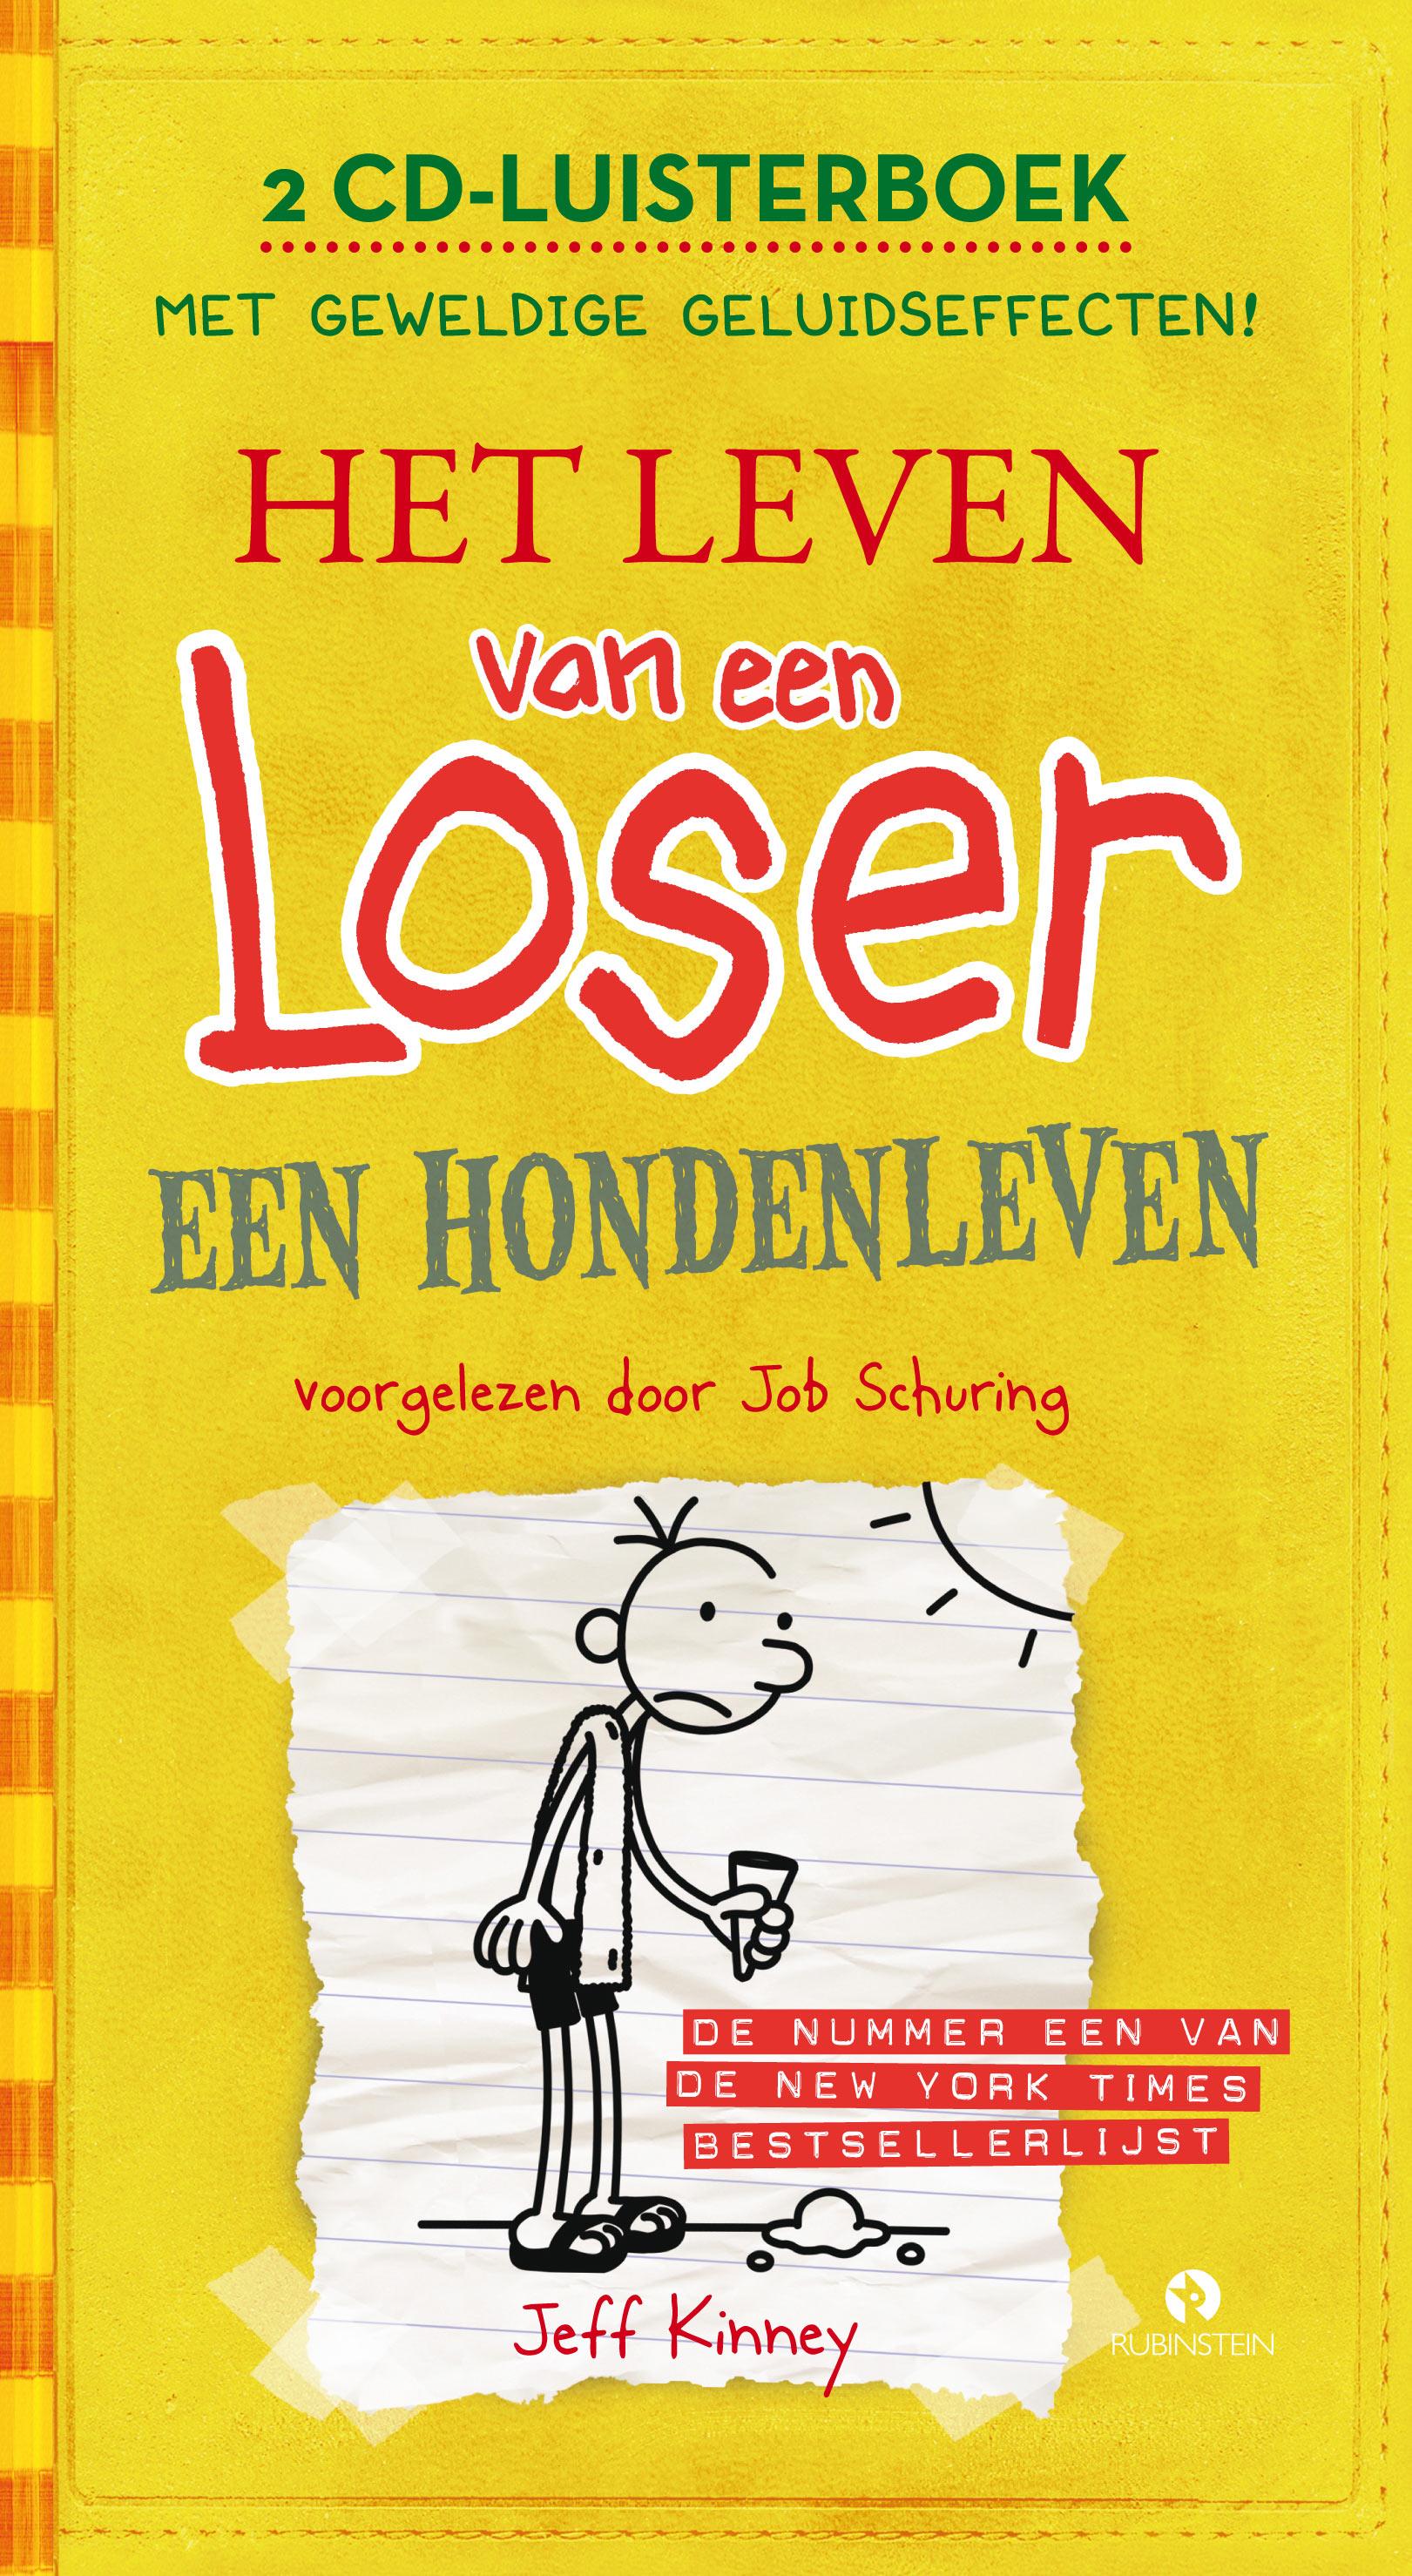 Leven van een Loser: een hondenleven luisterboek, het Boek omslag